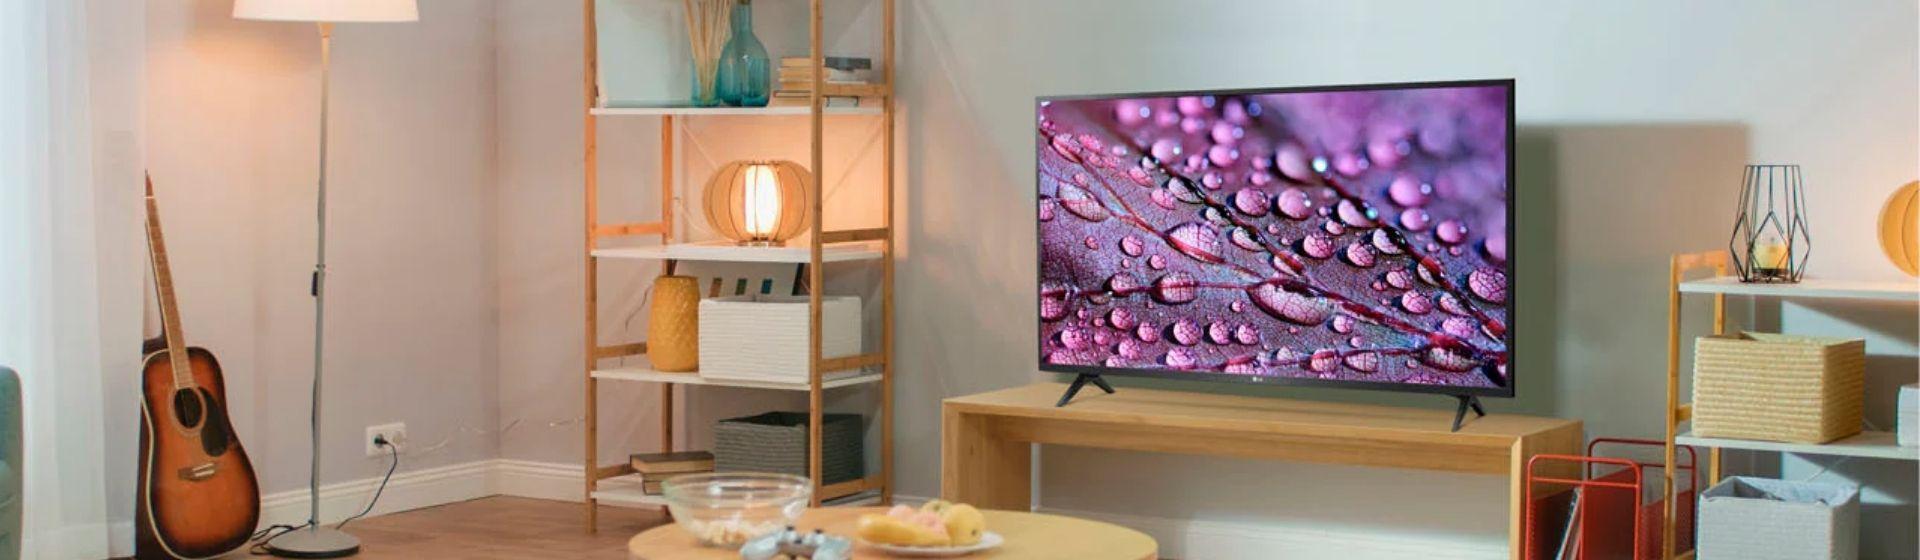 As melhores TVs 40 e 43 polegadas em 2021